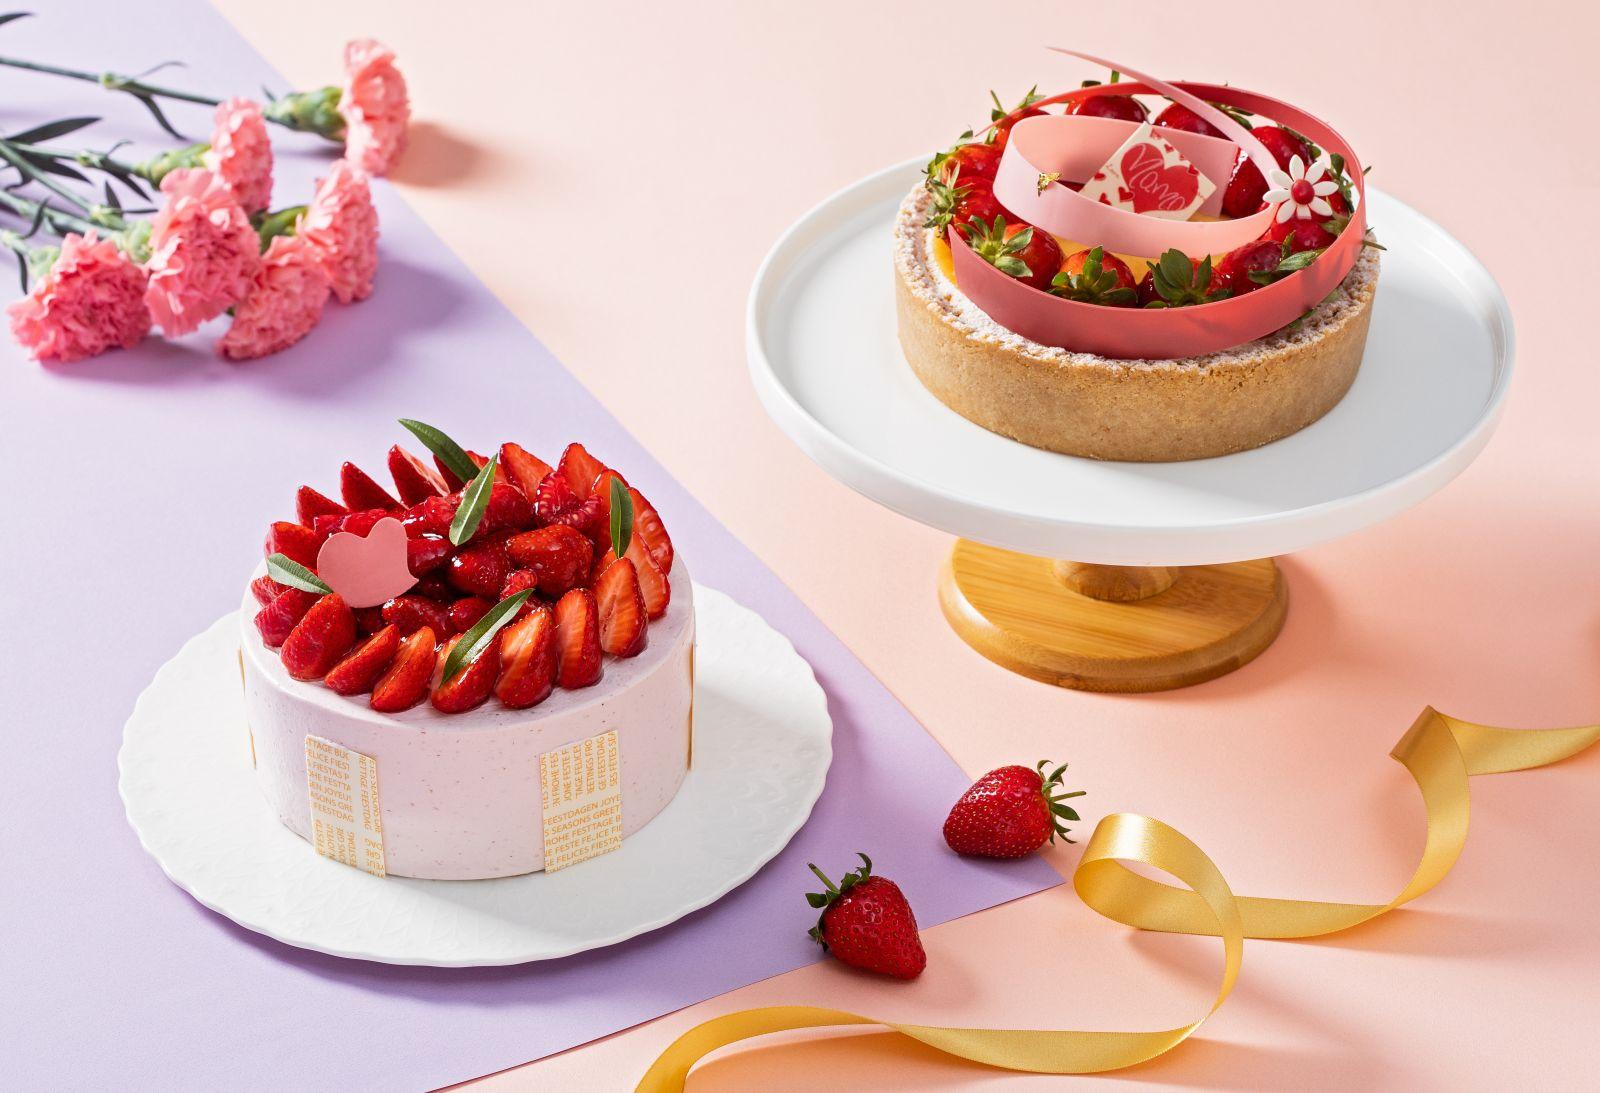 【國賓麵包房】寵愛媽媽超前部屬 台北國賓母親節蛋糕開始預購